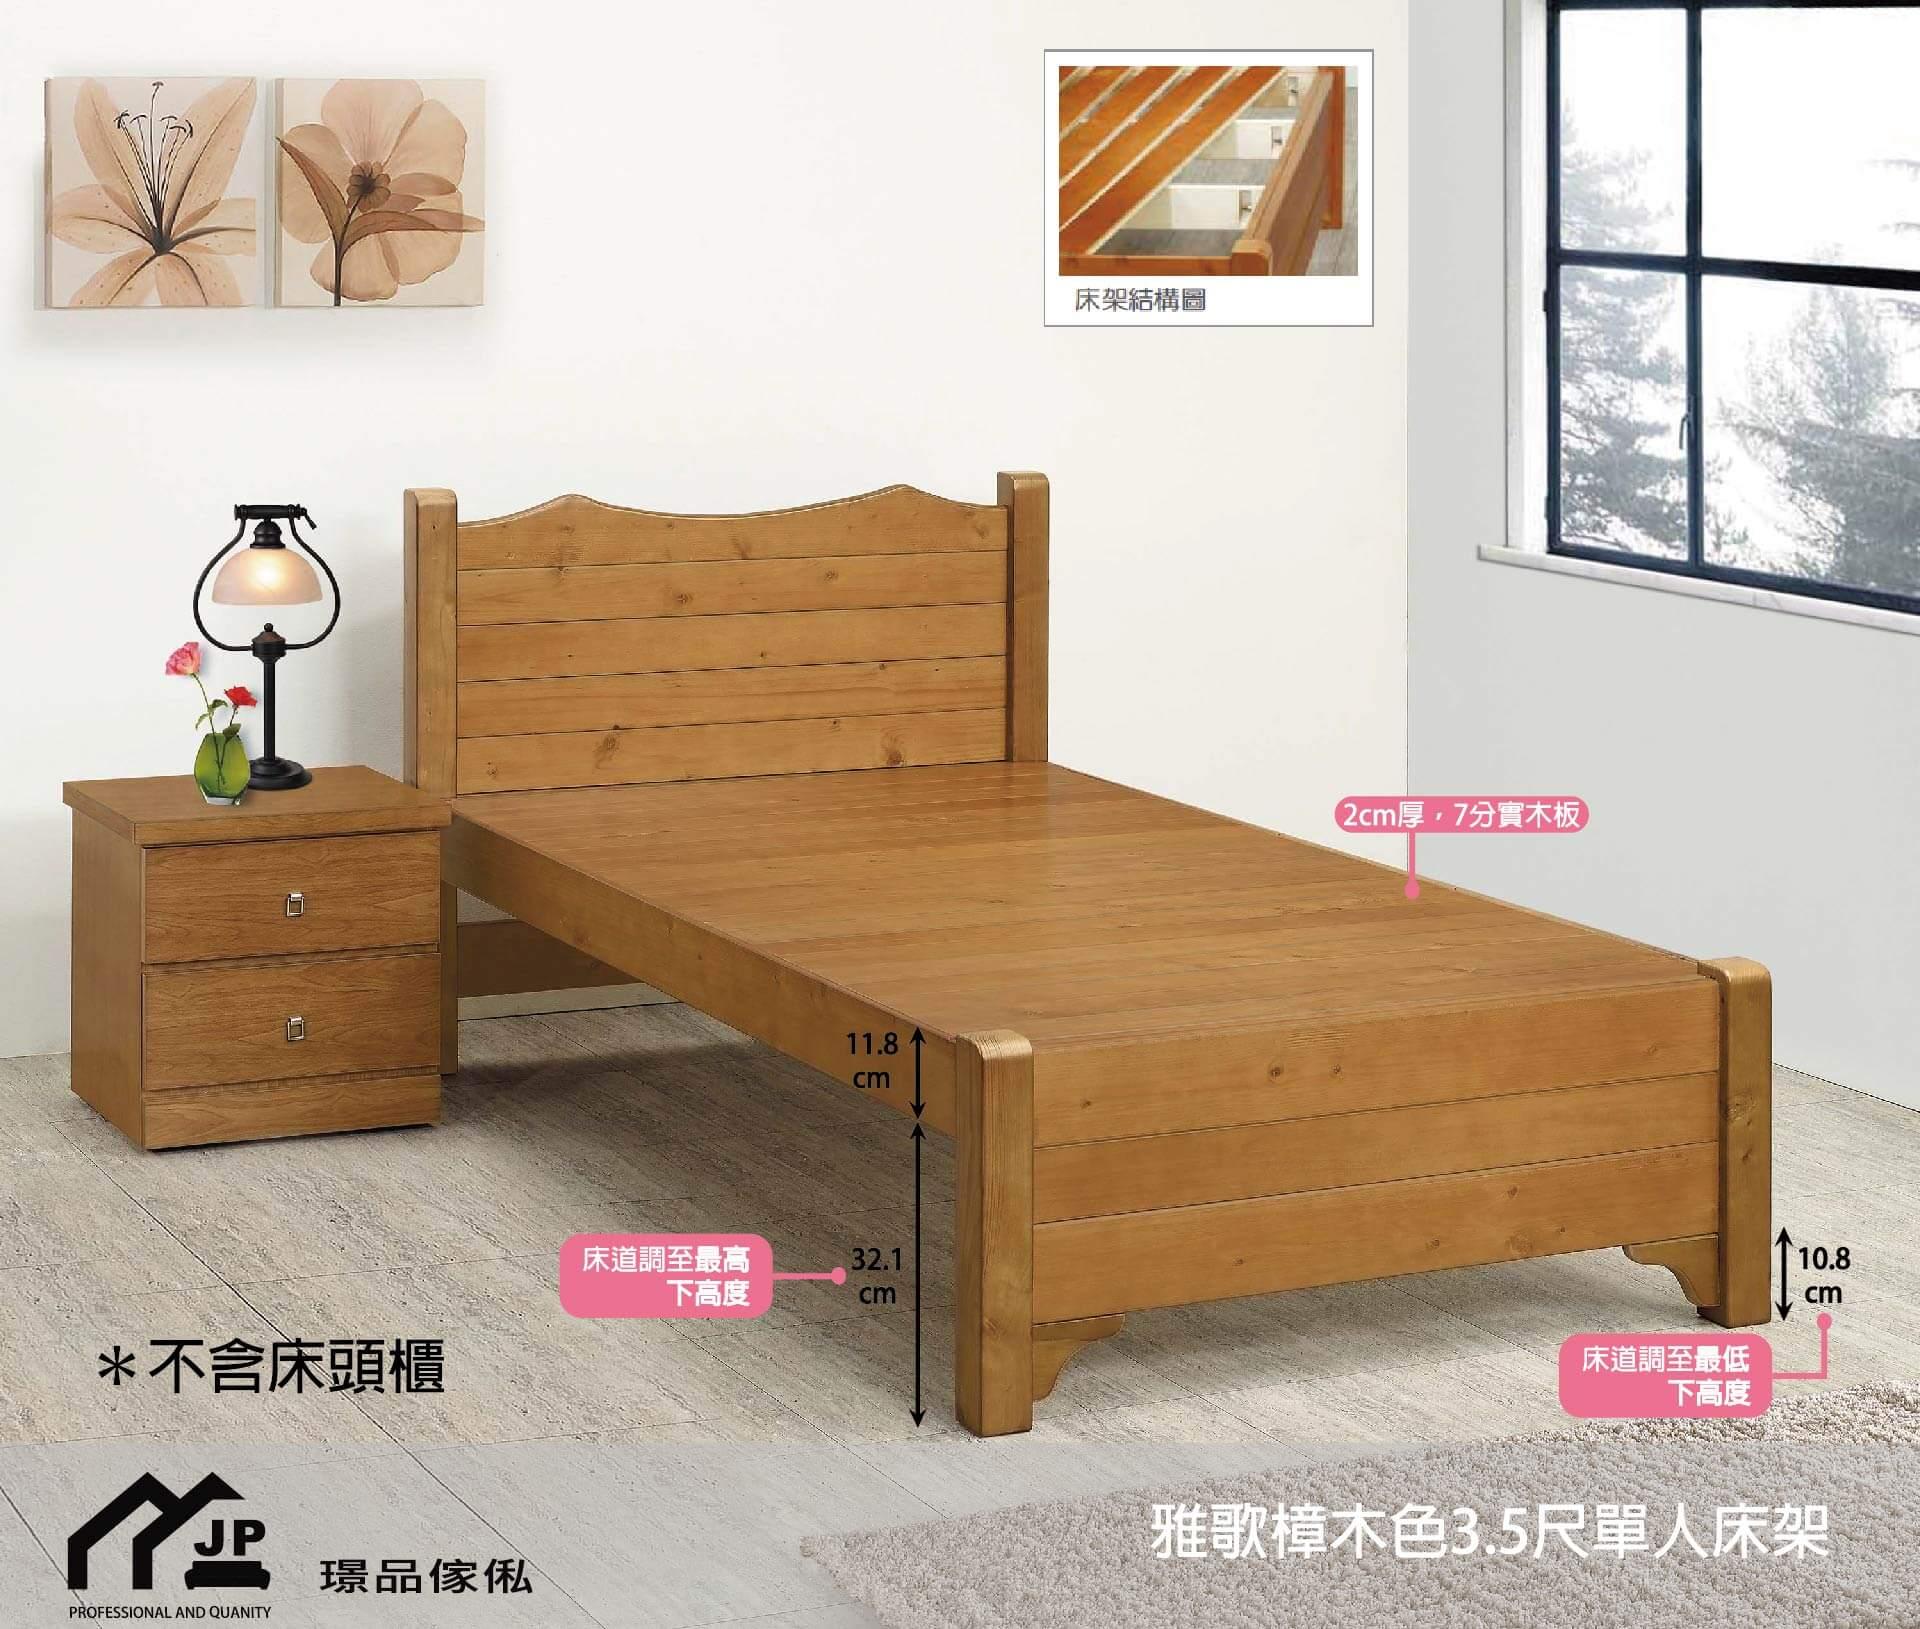 雅歌樟木色3.5尺單人床架 - 璟品傢俬|沙發工廠直營門市